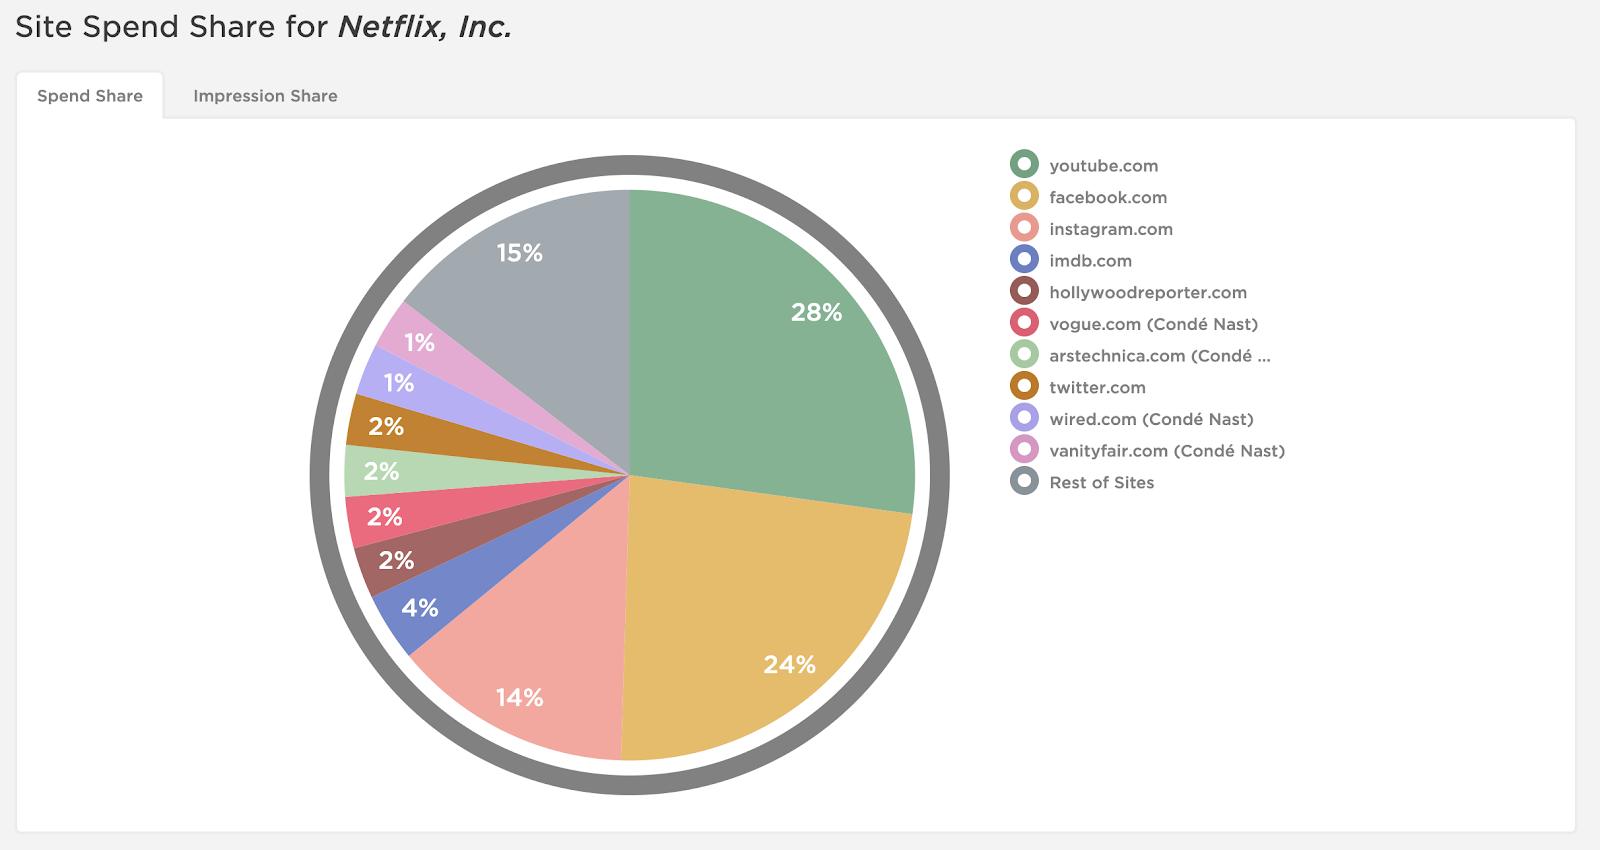 Netflix promotes ads on YouTube, Facebook, IMDB, Hollywood Reporter